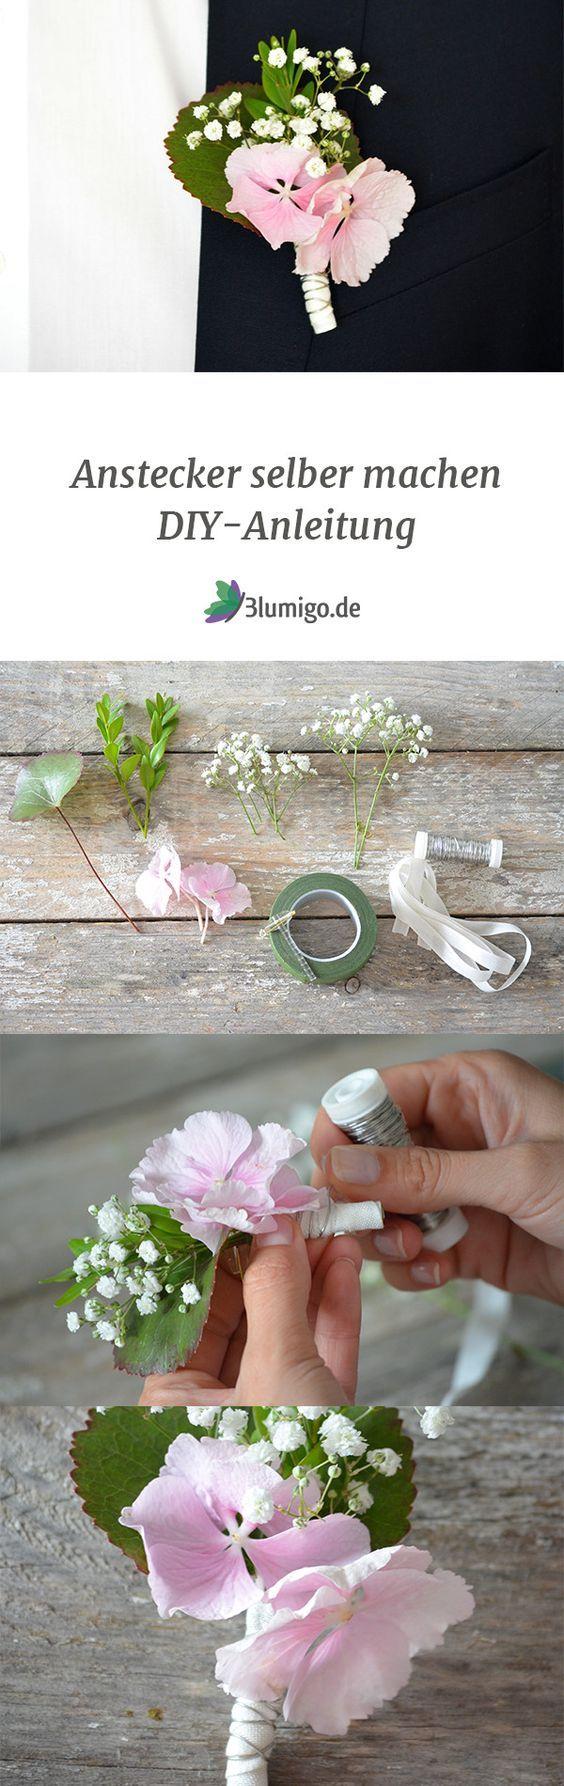 Anstecker für den Bräutigam selber machen – DIY Anleitung: Auf unserem Blumenblog zeigen wir euch eine Anleitung, wie ihr einen kleinen Anstecker mit Hortensienblüten und Schleierkraut ganz einfach selber basteln könnt. #blumen #schnittblumen #blumendeko #floristik #hochzeitsdekoration #hochzeit #hochzeitsdeko #hochzeitsblumen #sommerhochzeit #herbsthochzeit #onlineshop #saisonblumen #anstecker #DIY-Anleitung #hortensien #april #mai #juni #juli #august #september #oktober